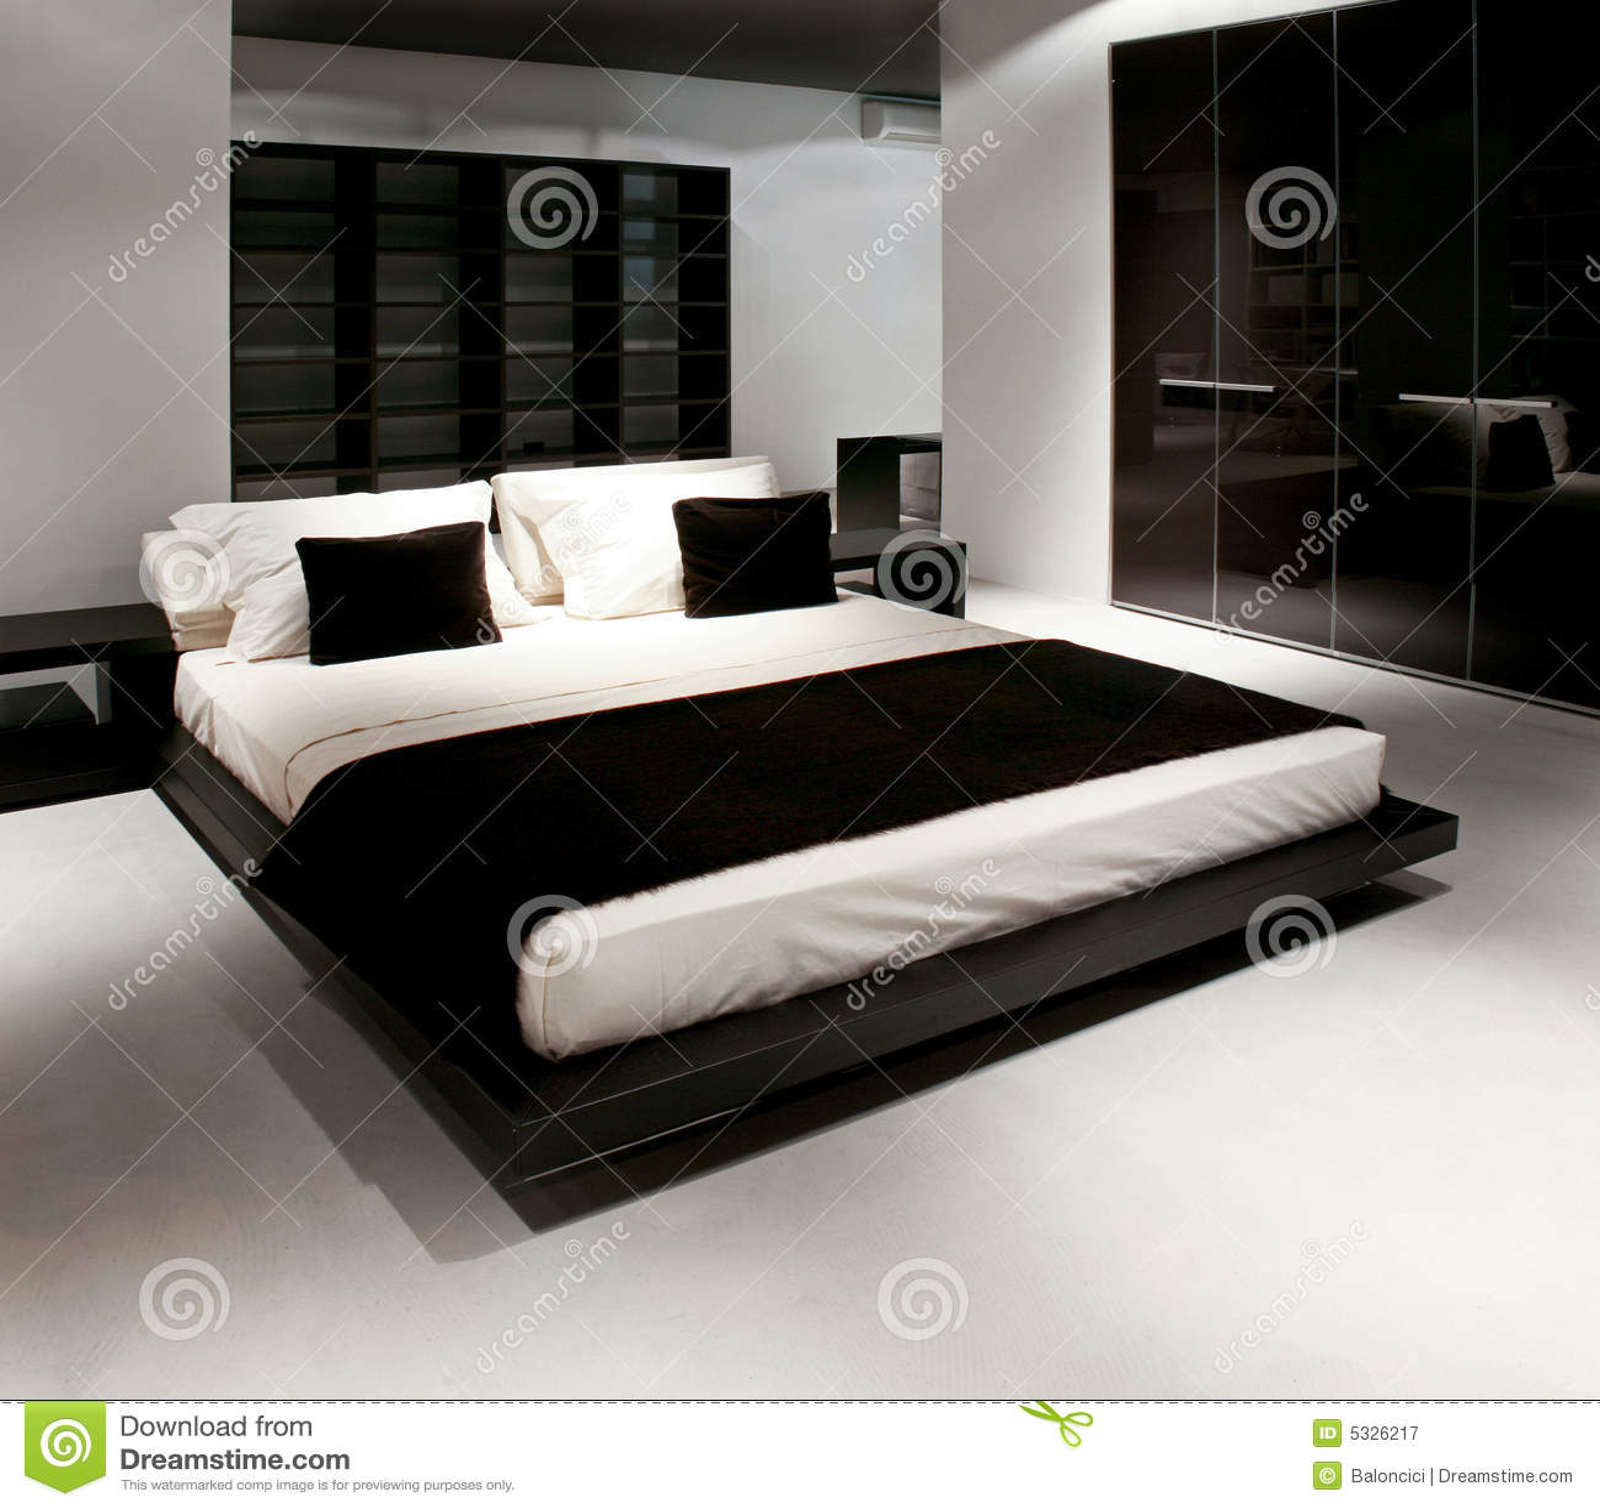 Neues Schlafzimmer stockbild. Bild von innen, schlaf, regal - 5326217